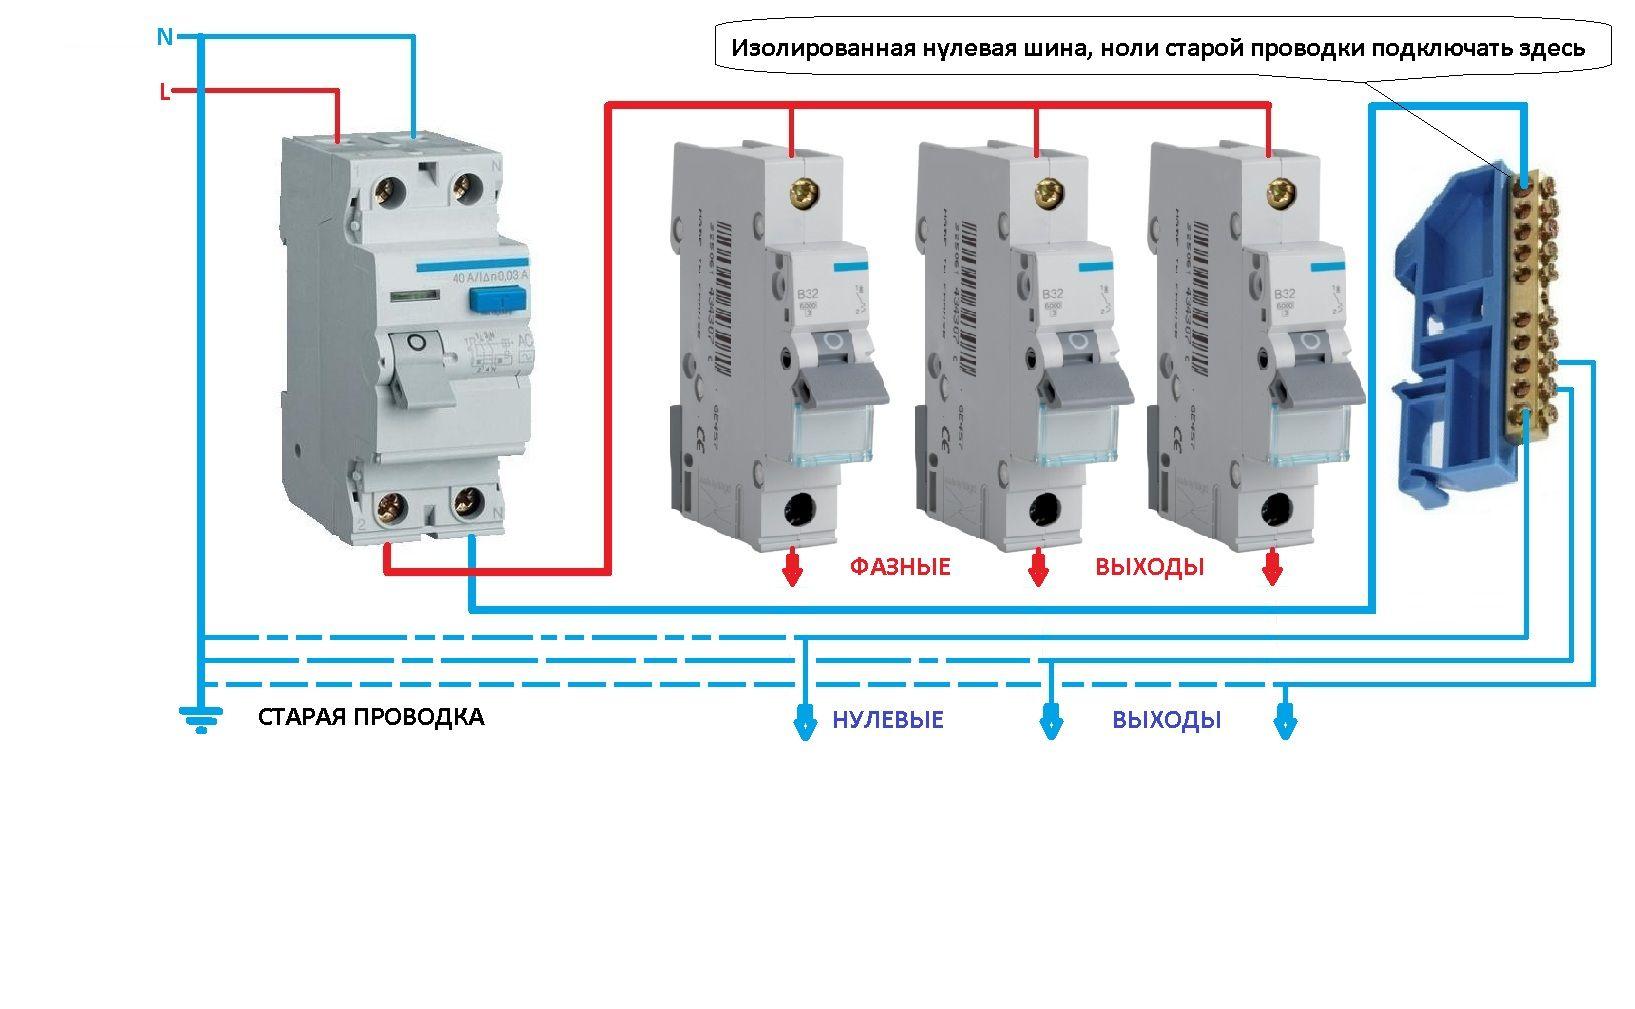 Схема диф. автомат легранд